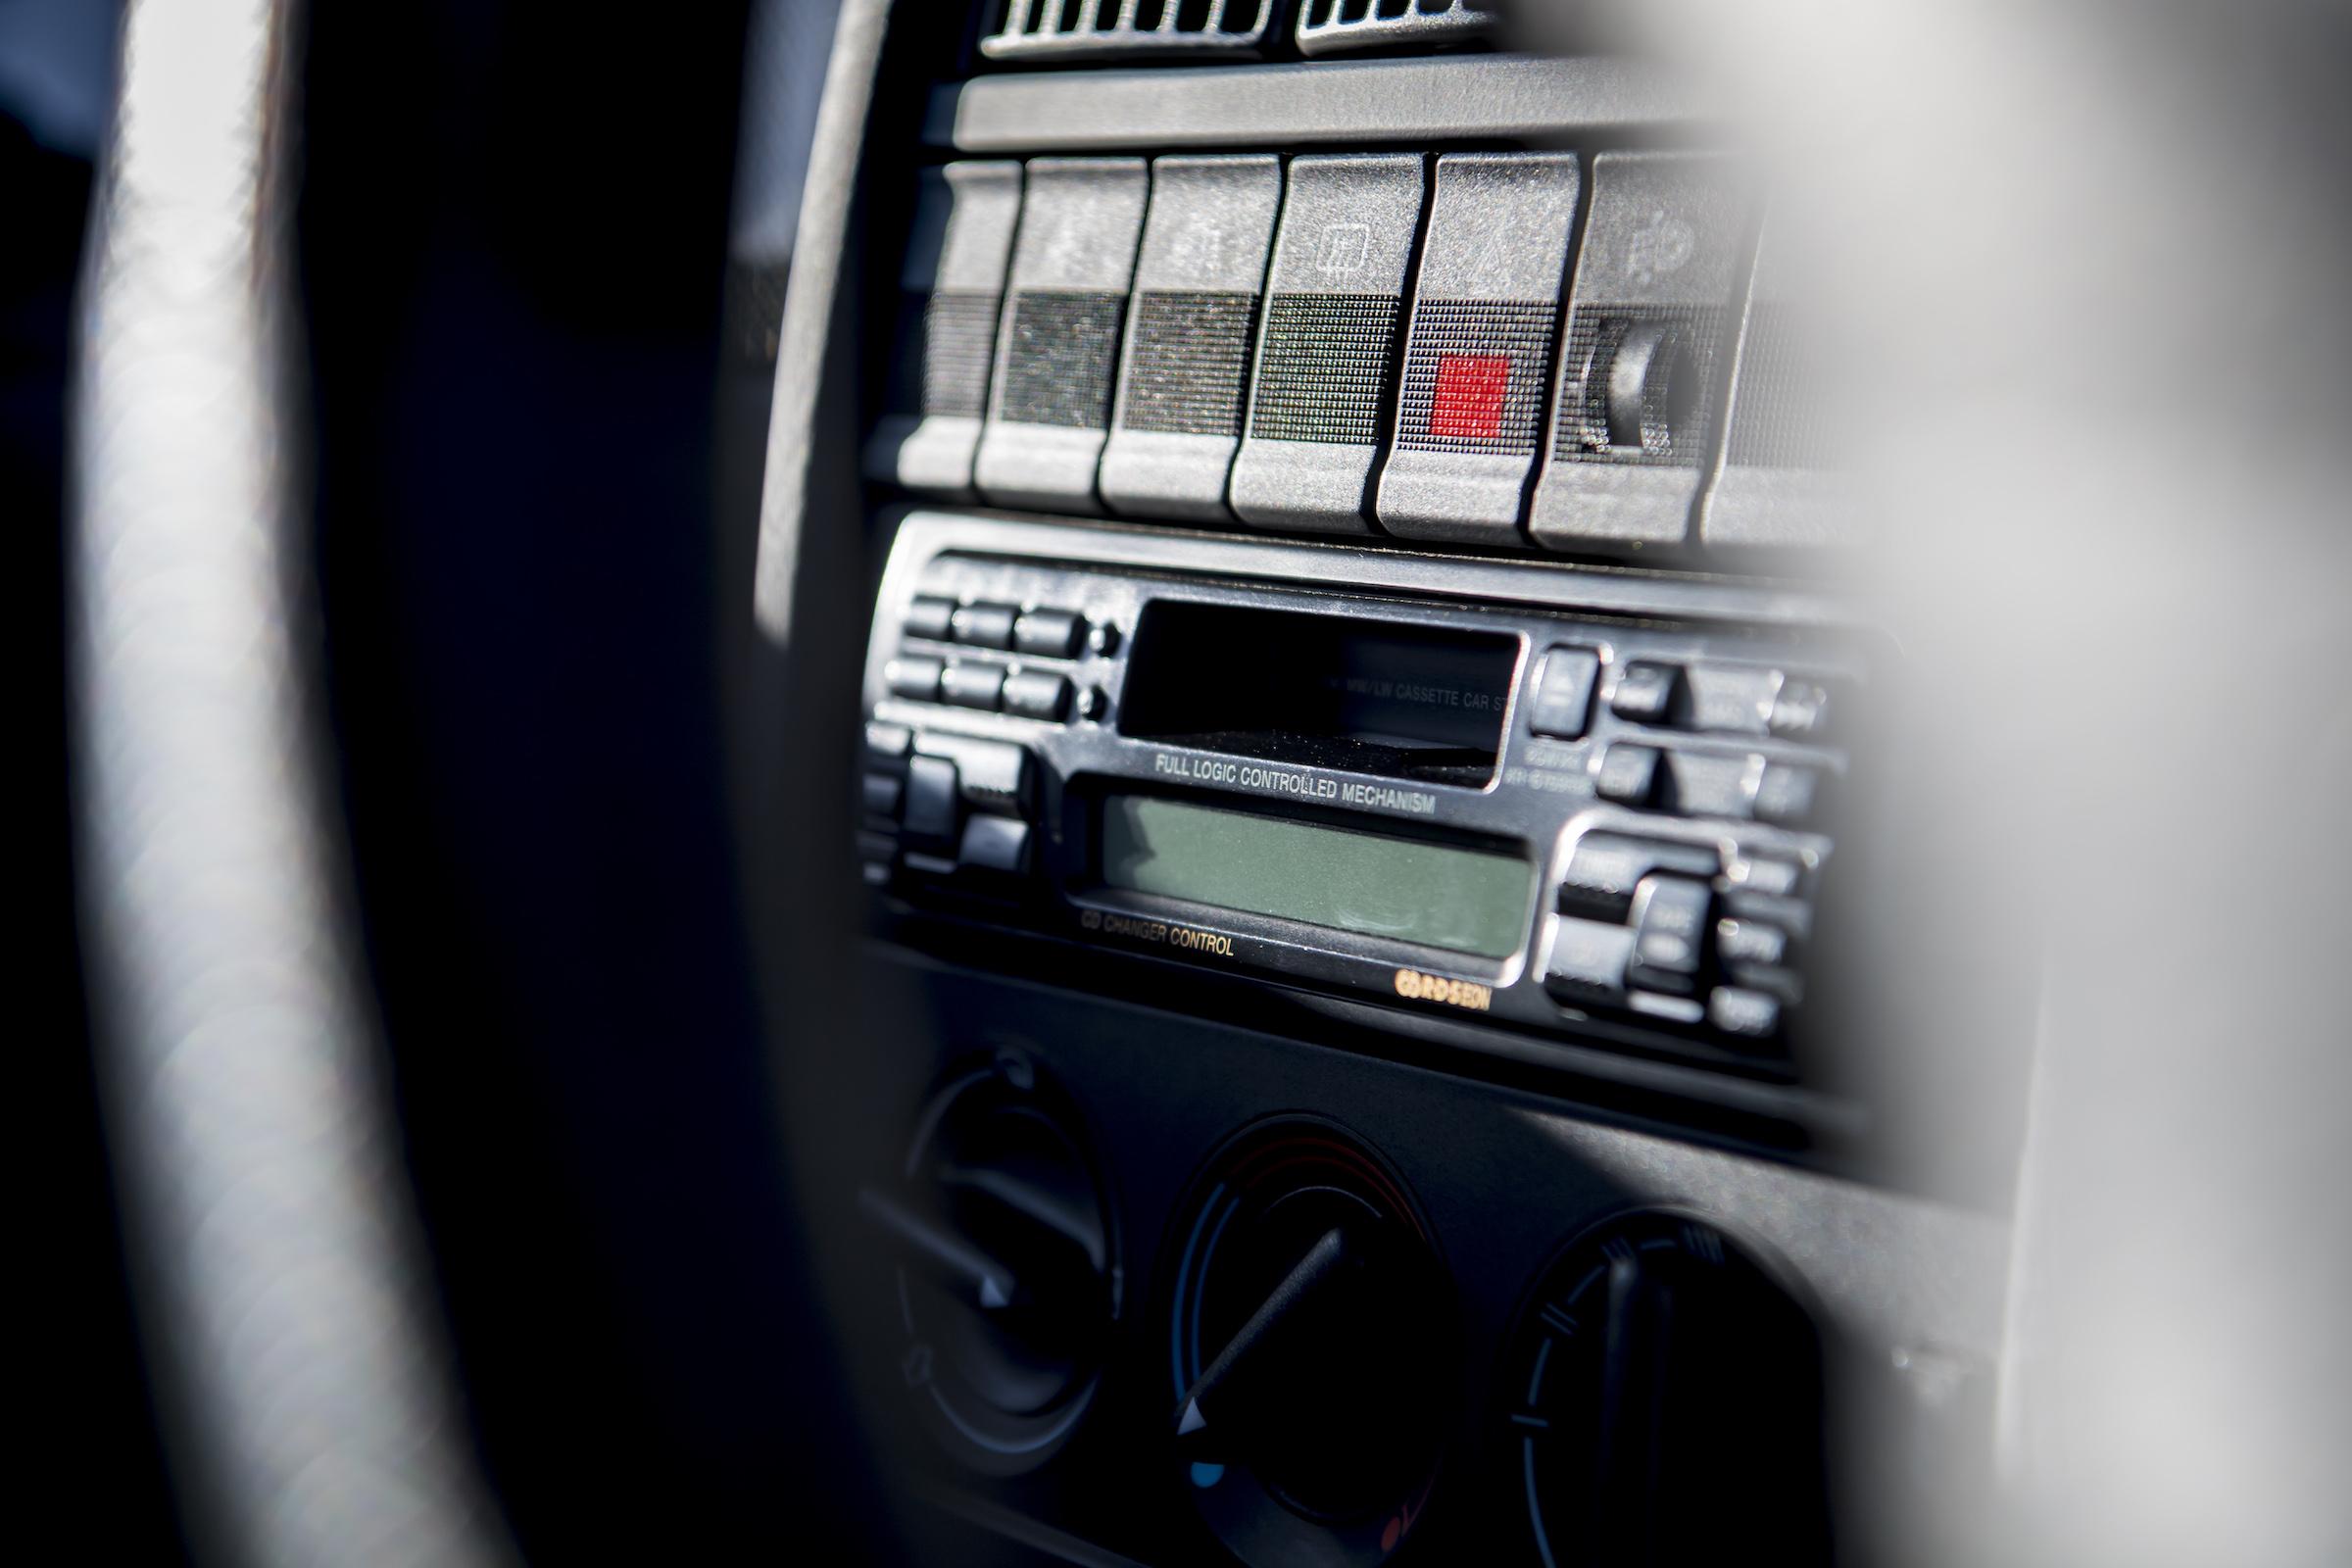 Audi RS2 interior radio controls